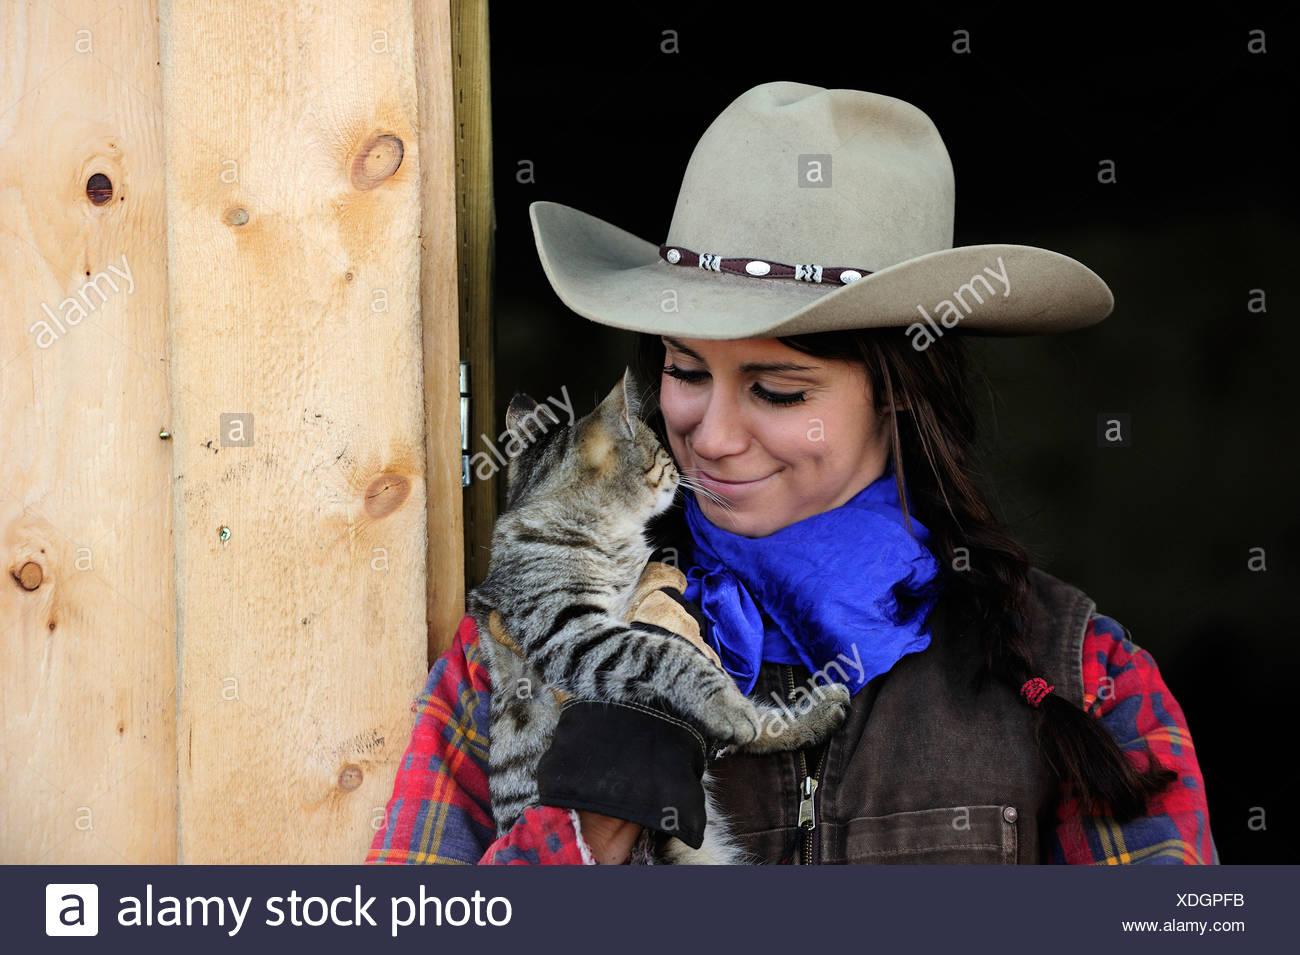 Cowgirl with cat, portrait, Saskatchewan, Canada, North America ...